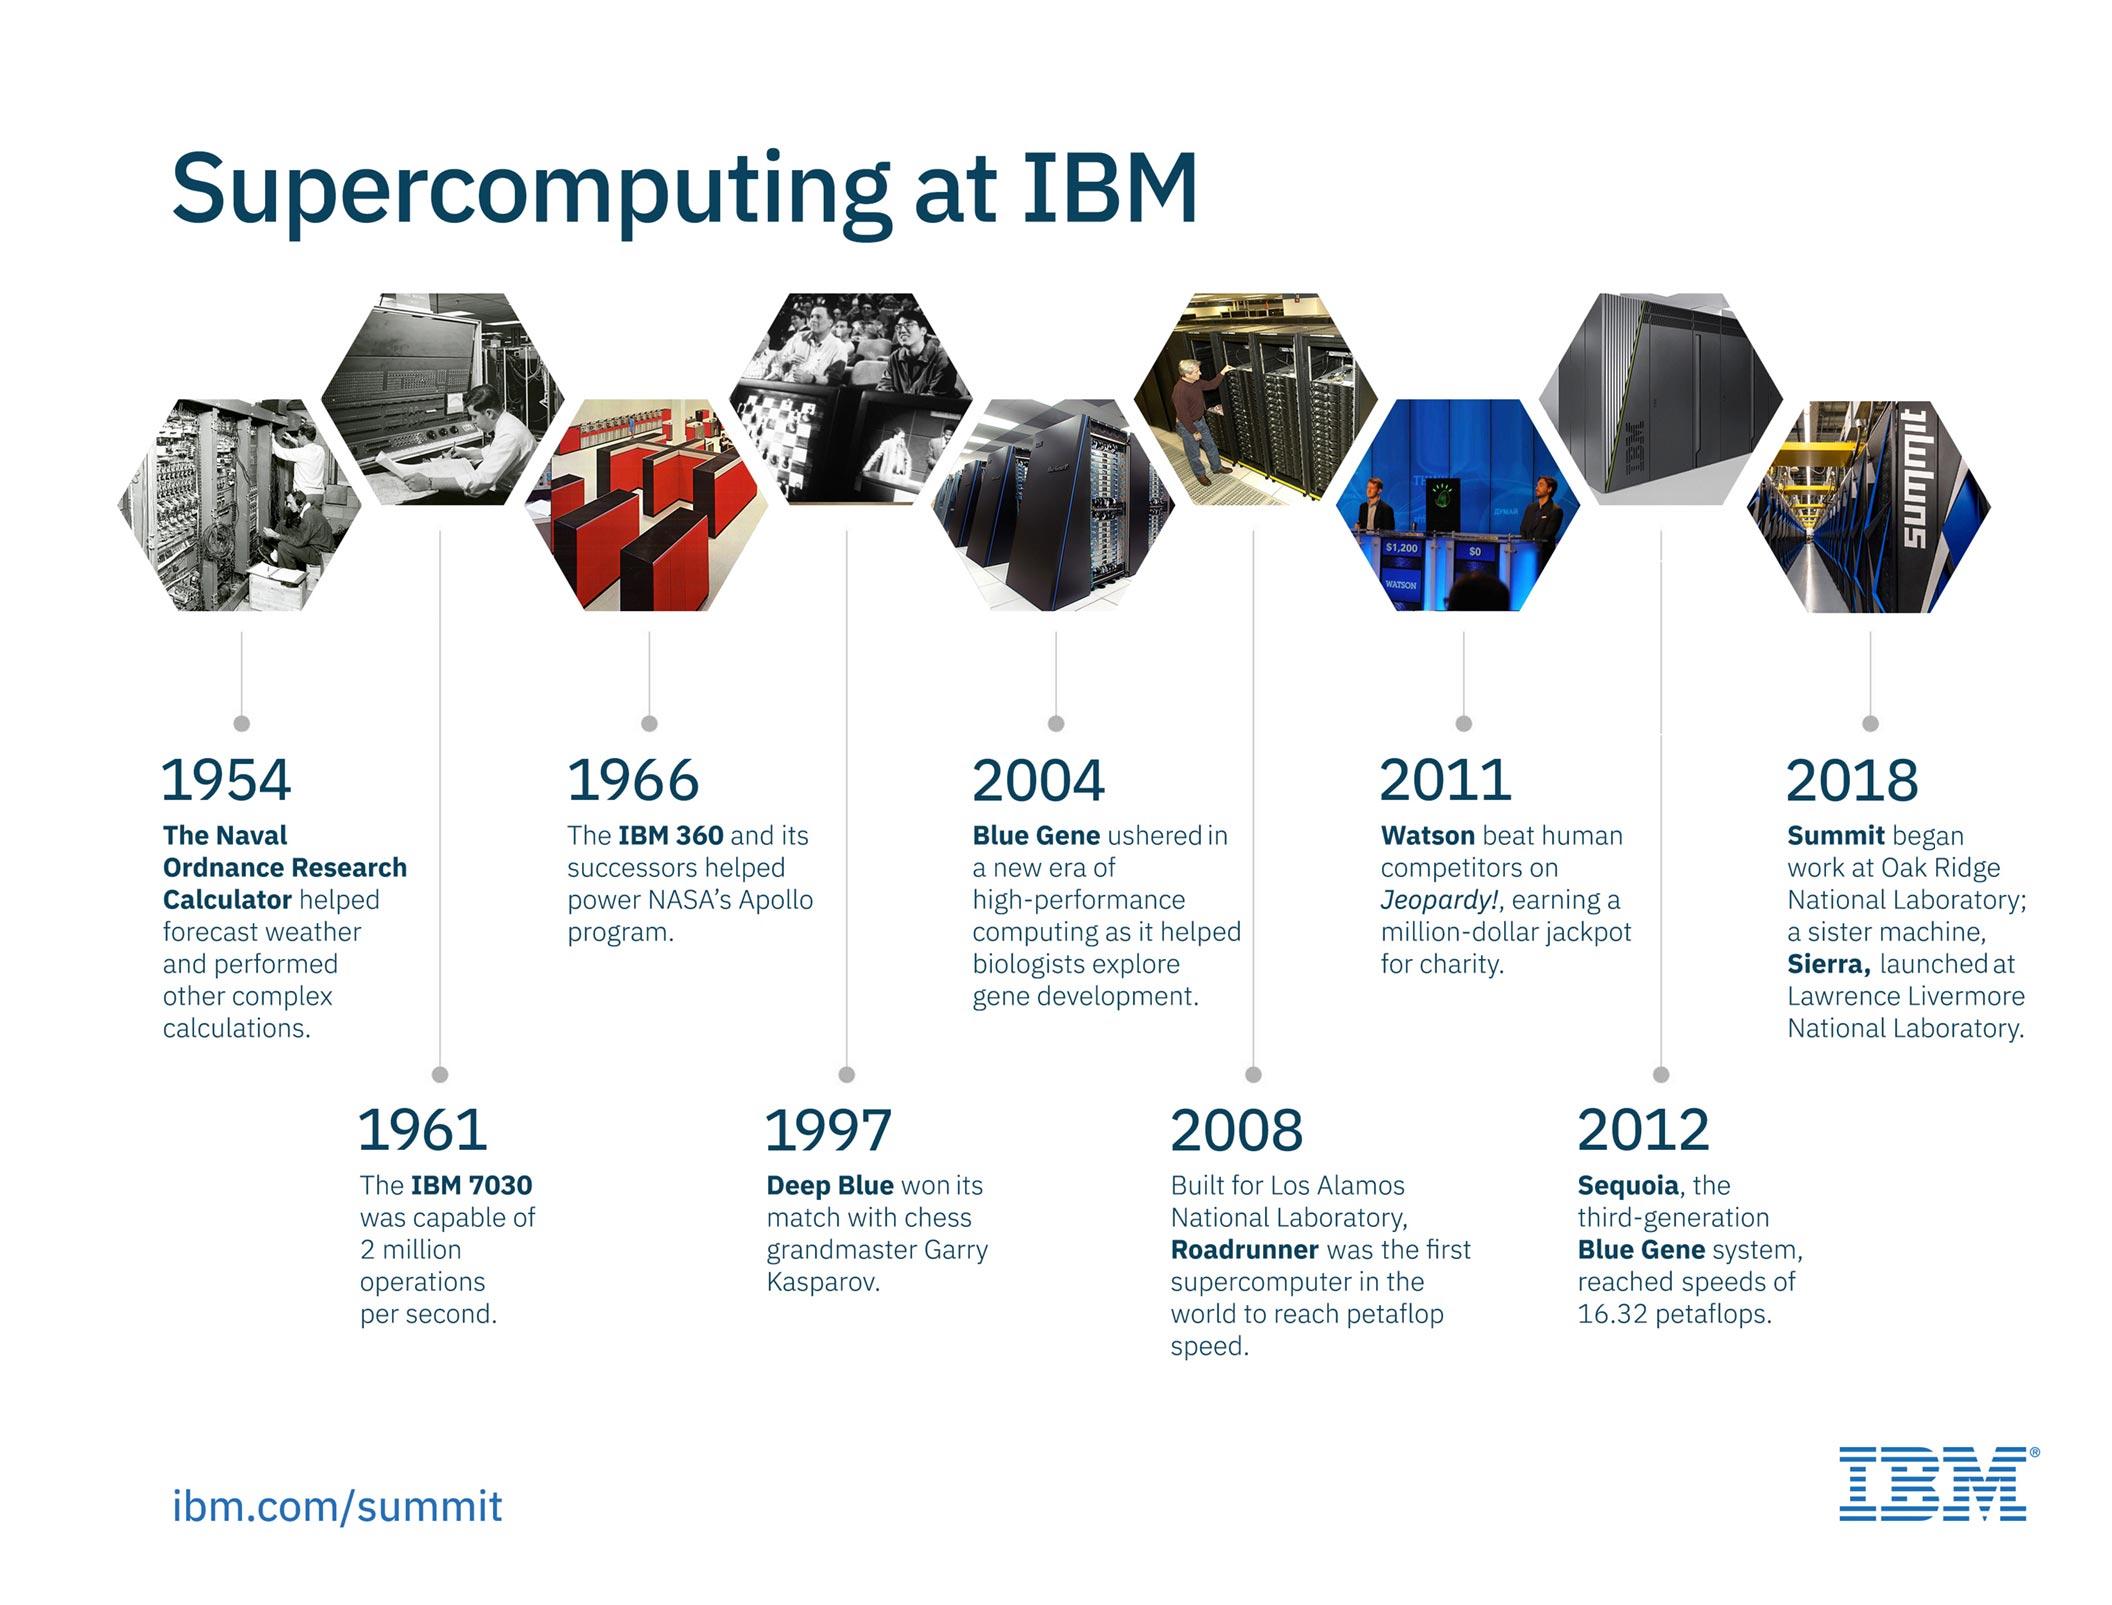 Supercomputing at IBM: A brief history